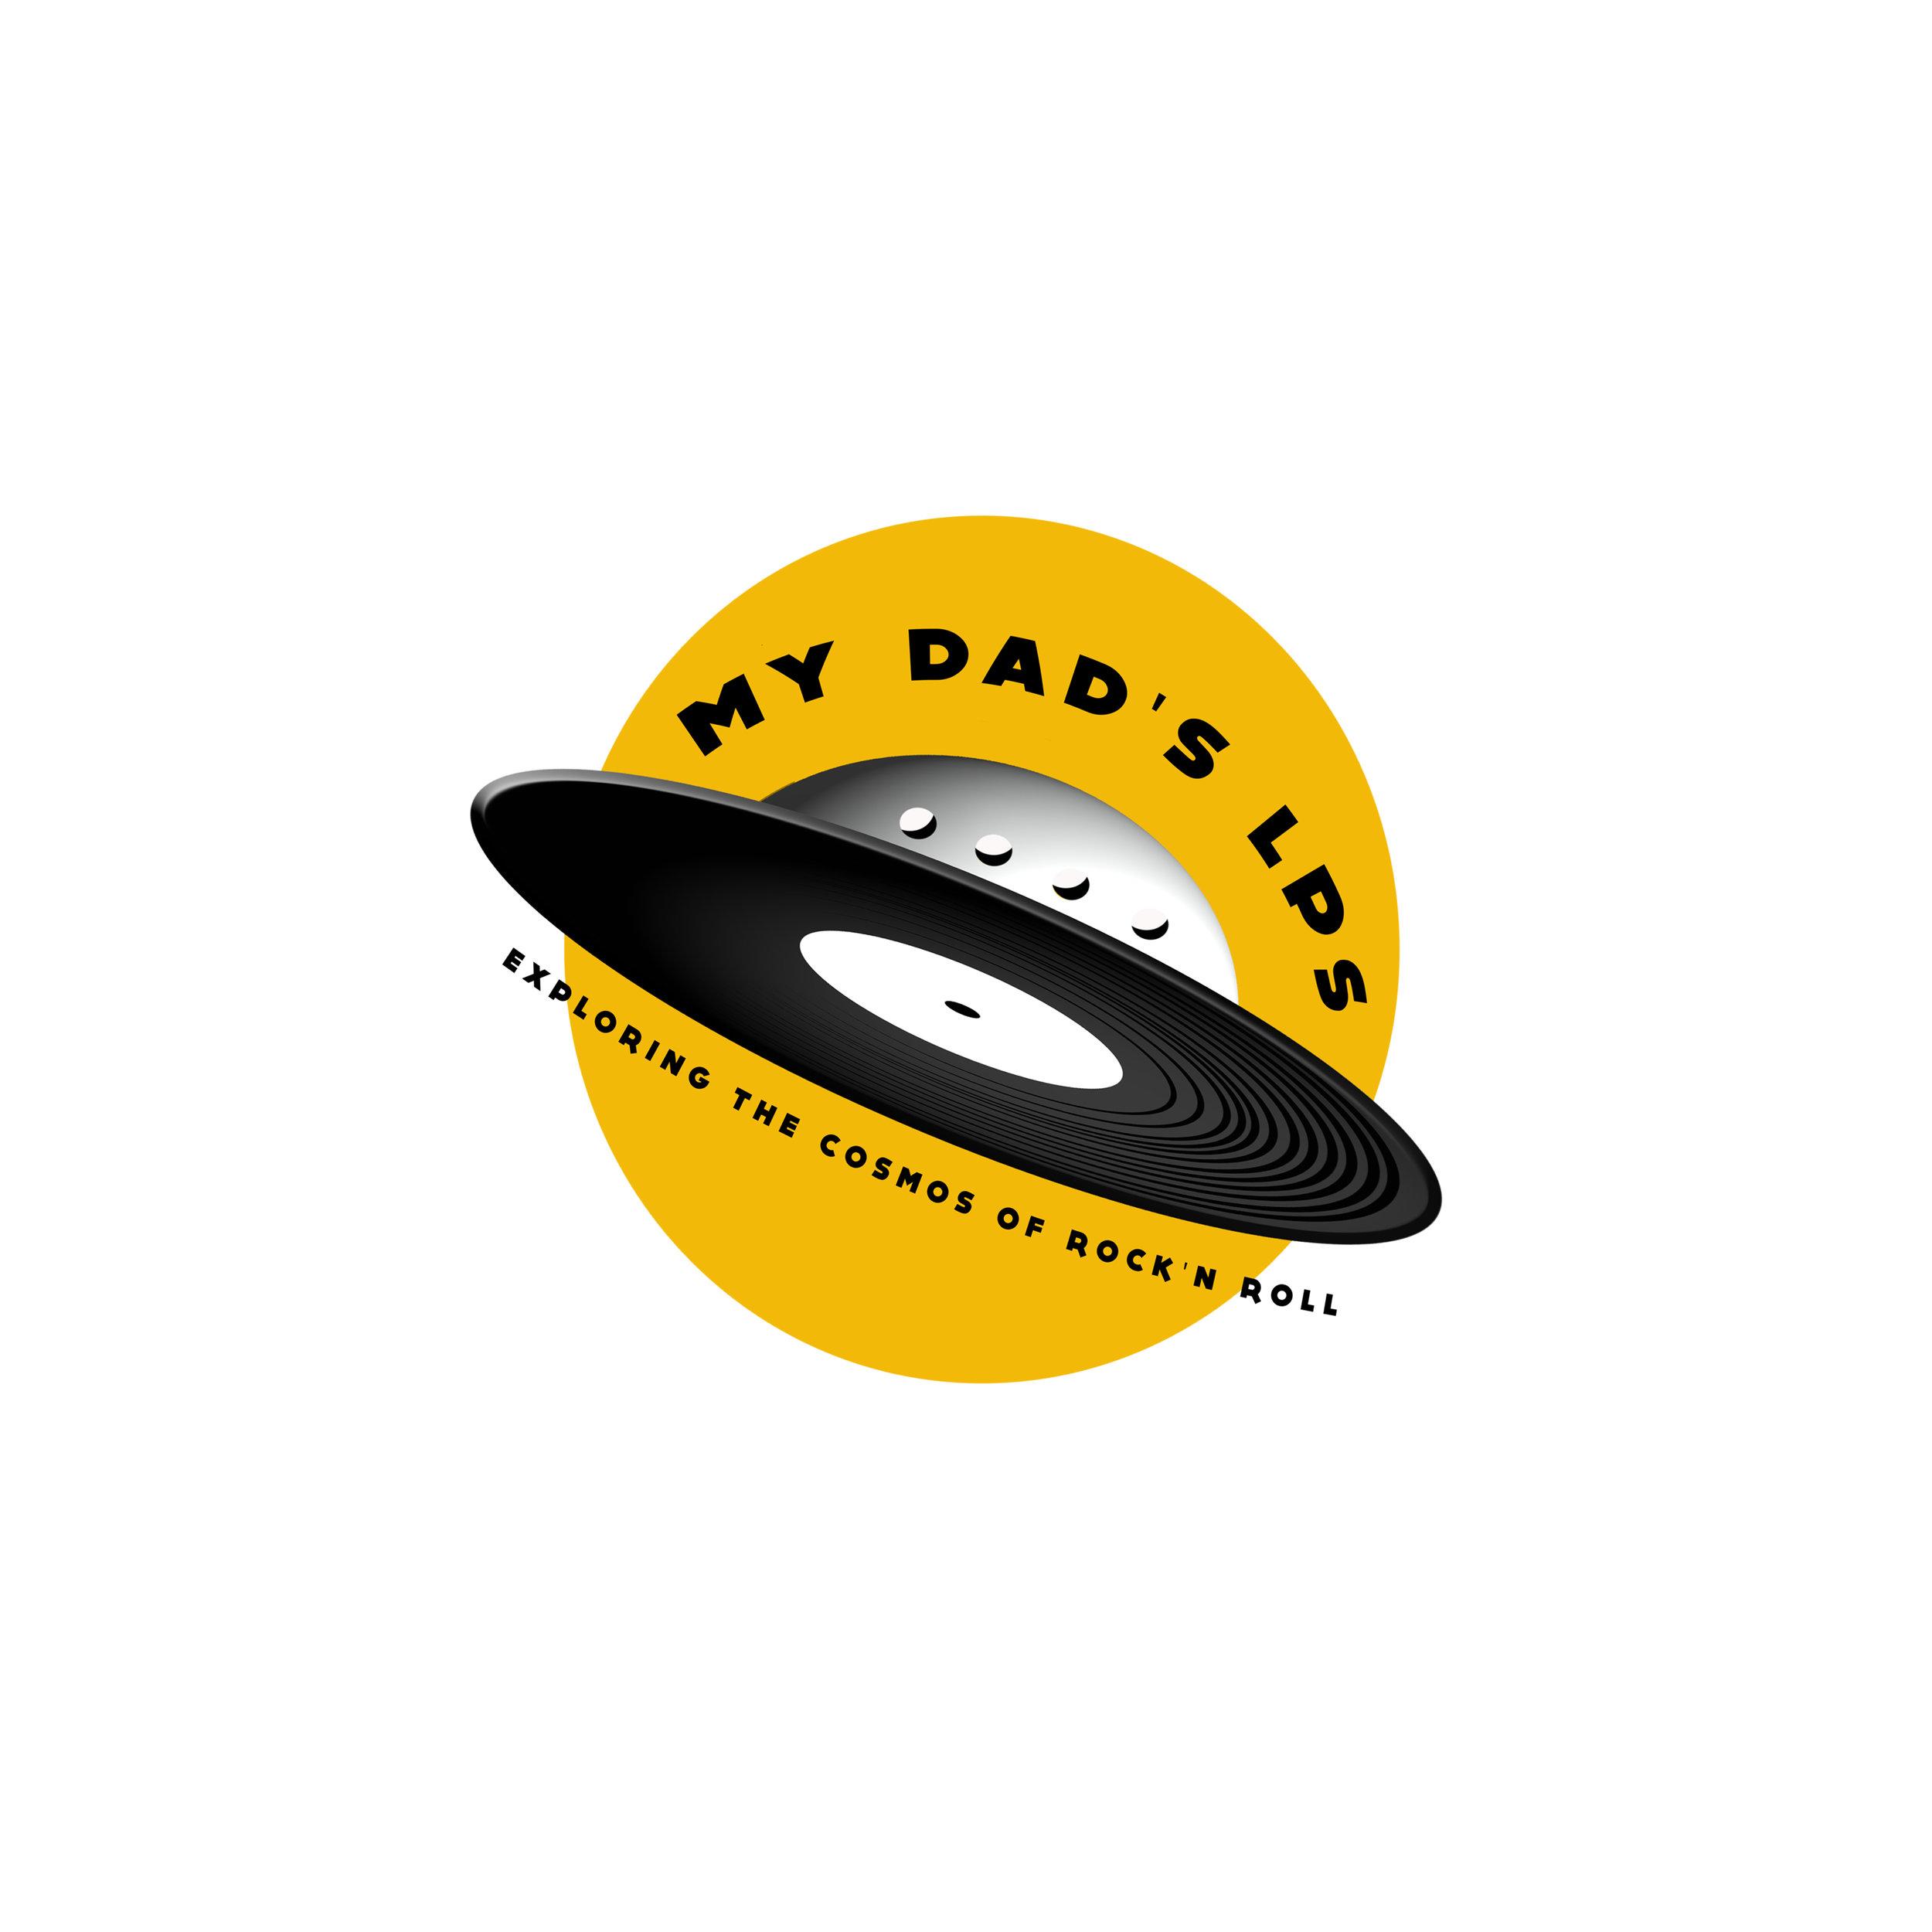 Dads-lp-4-site.jpg